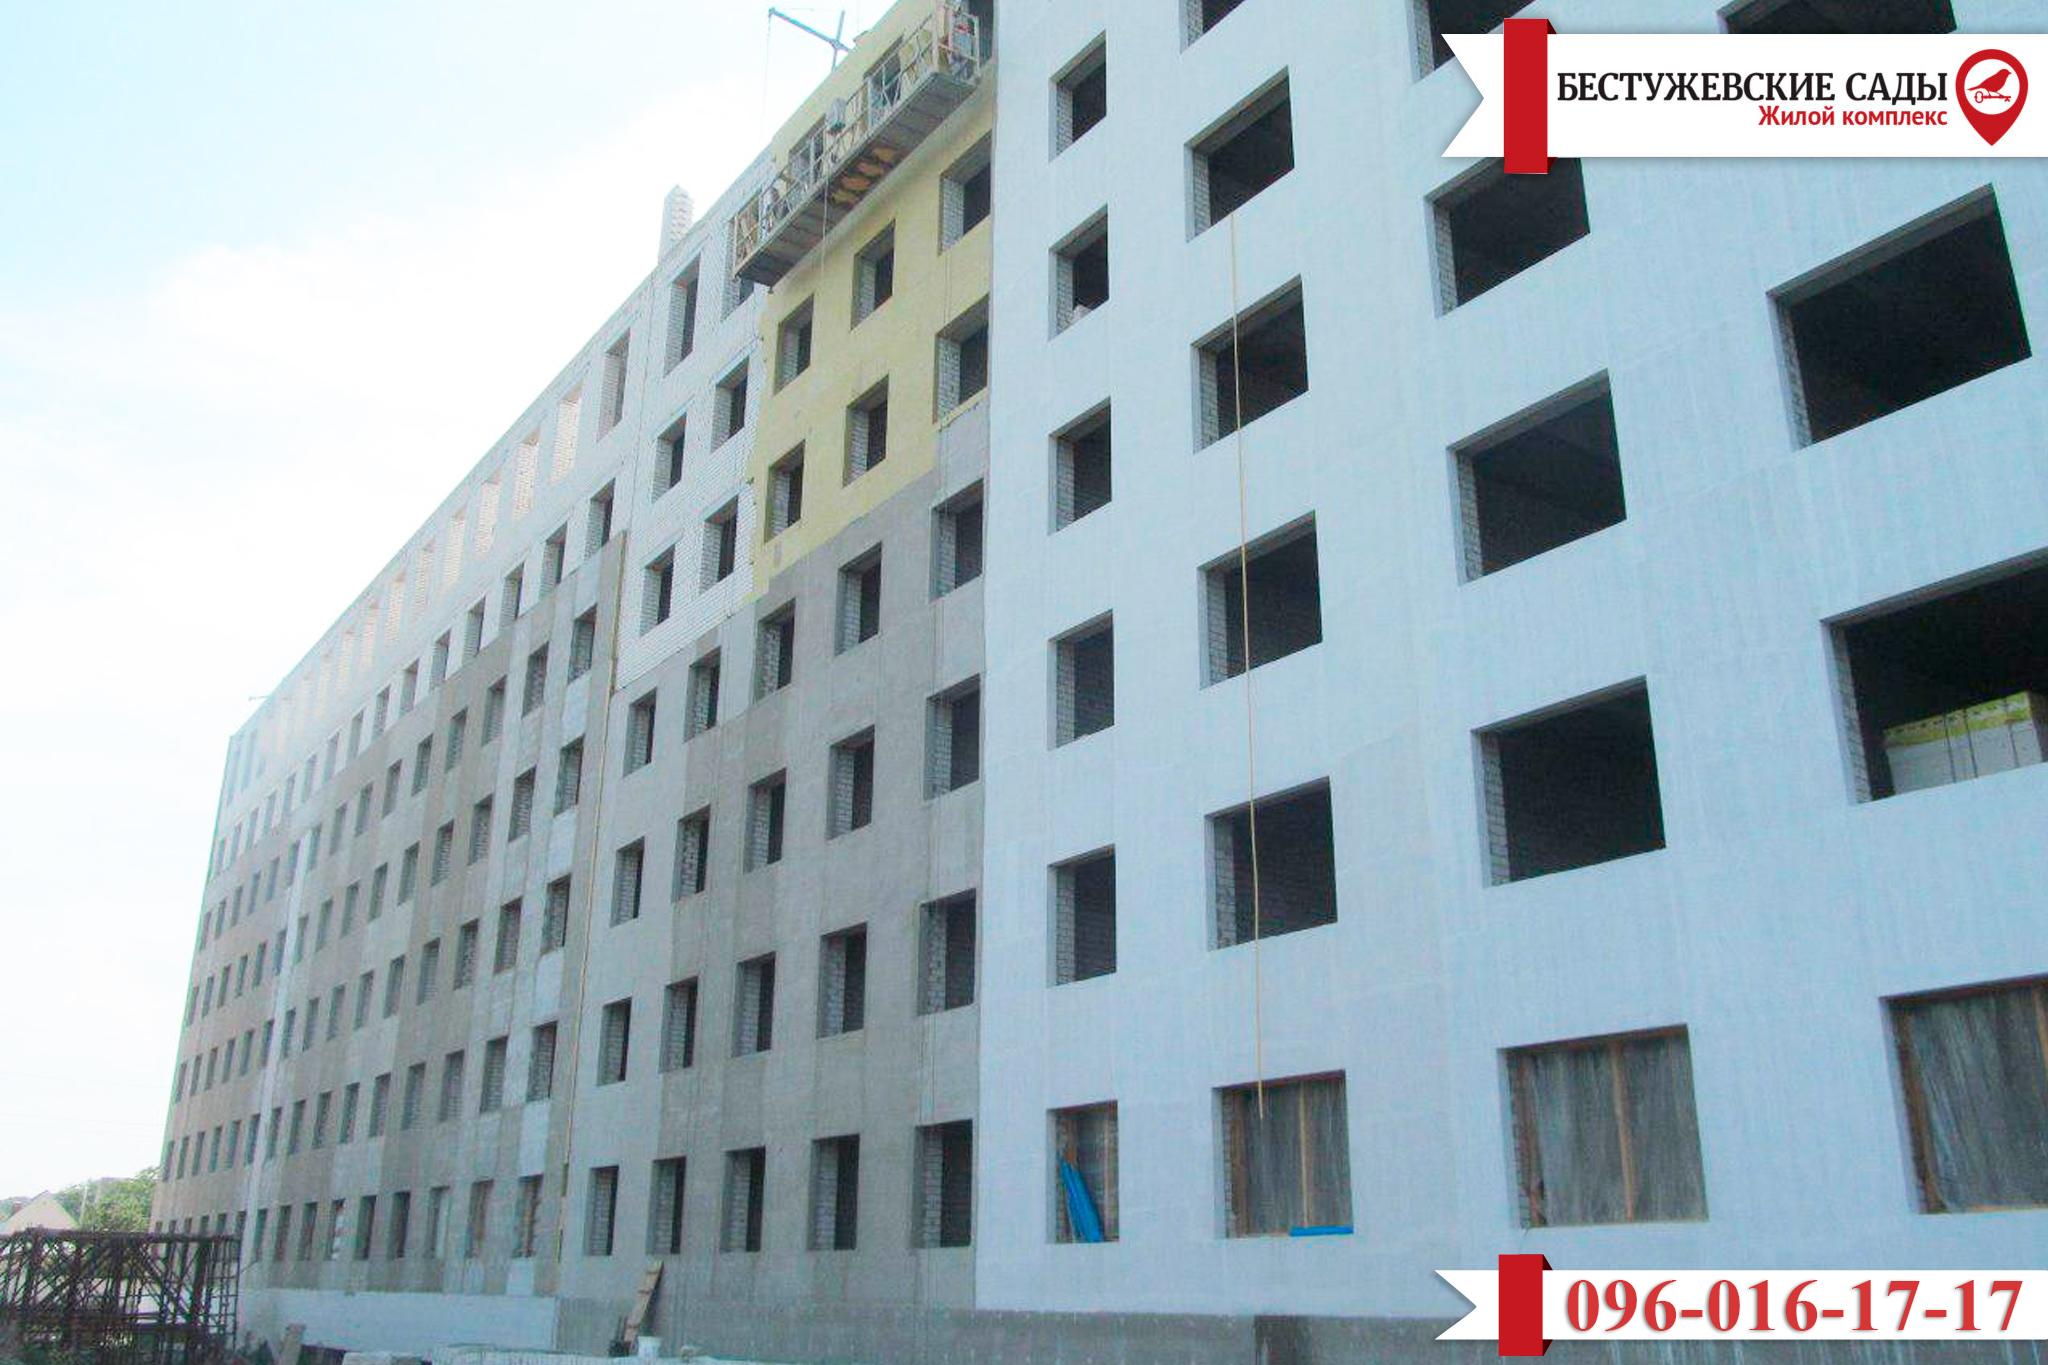 Передаем свежую информацию о строительстве ЖК «Бестужевские Сады»!